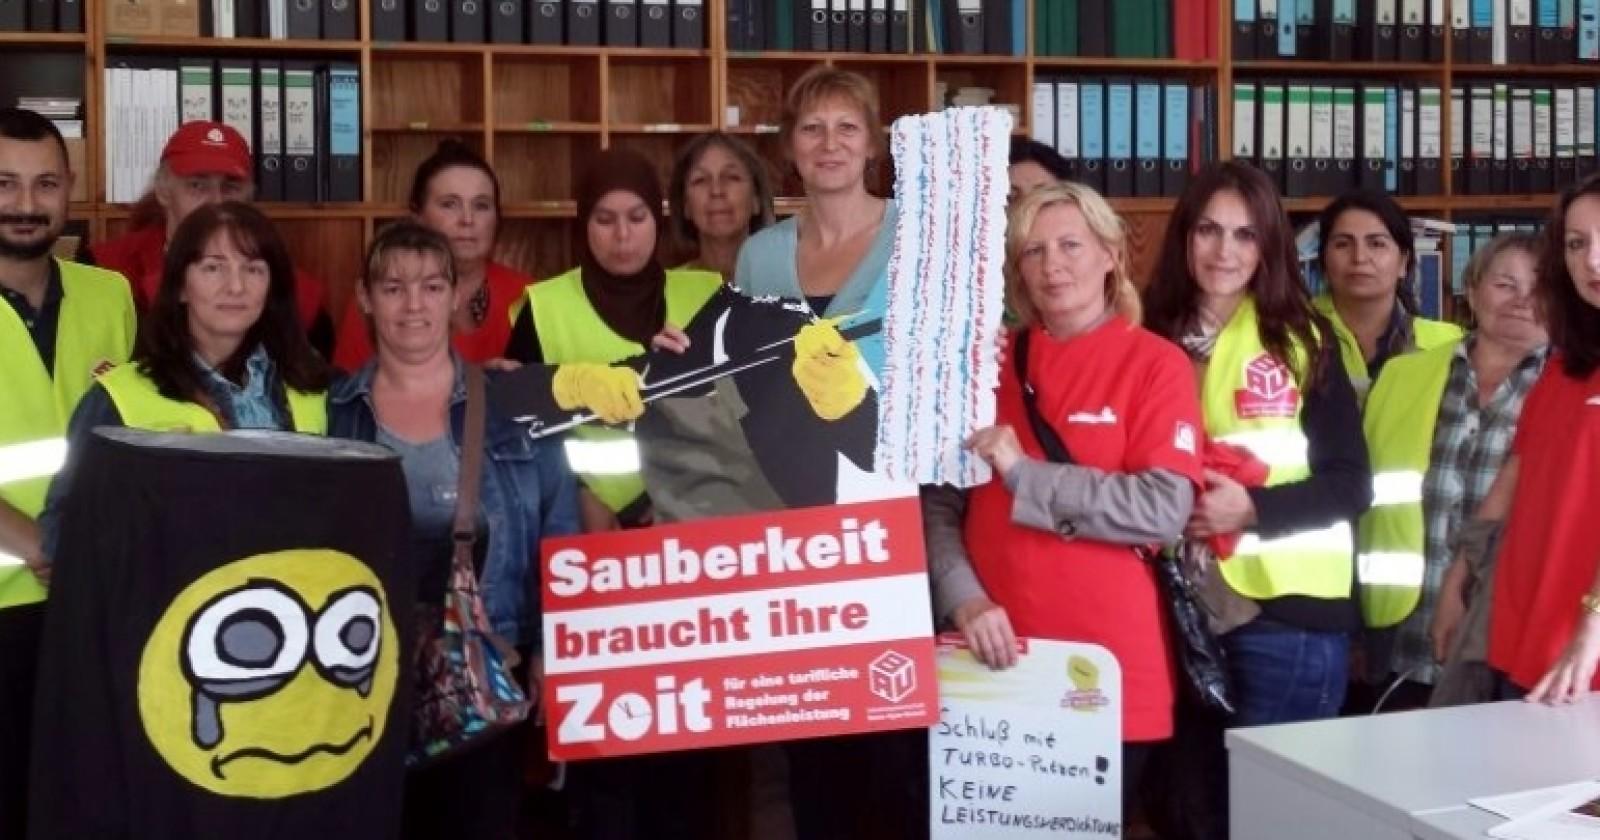 Rathaus-Aktion der Krefelder Fachgruppe Gebäudereinigung. Parteien zeigen sich solidarisch.